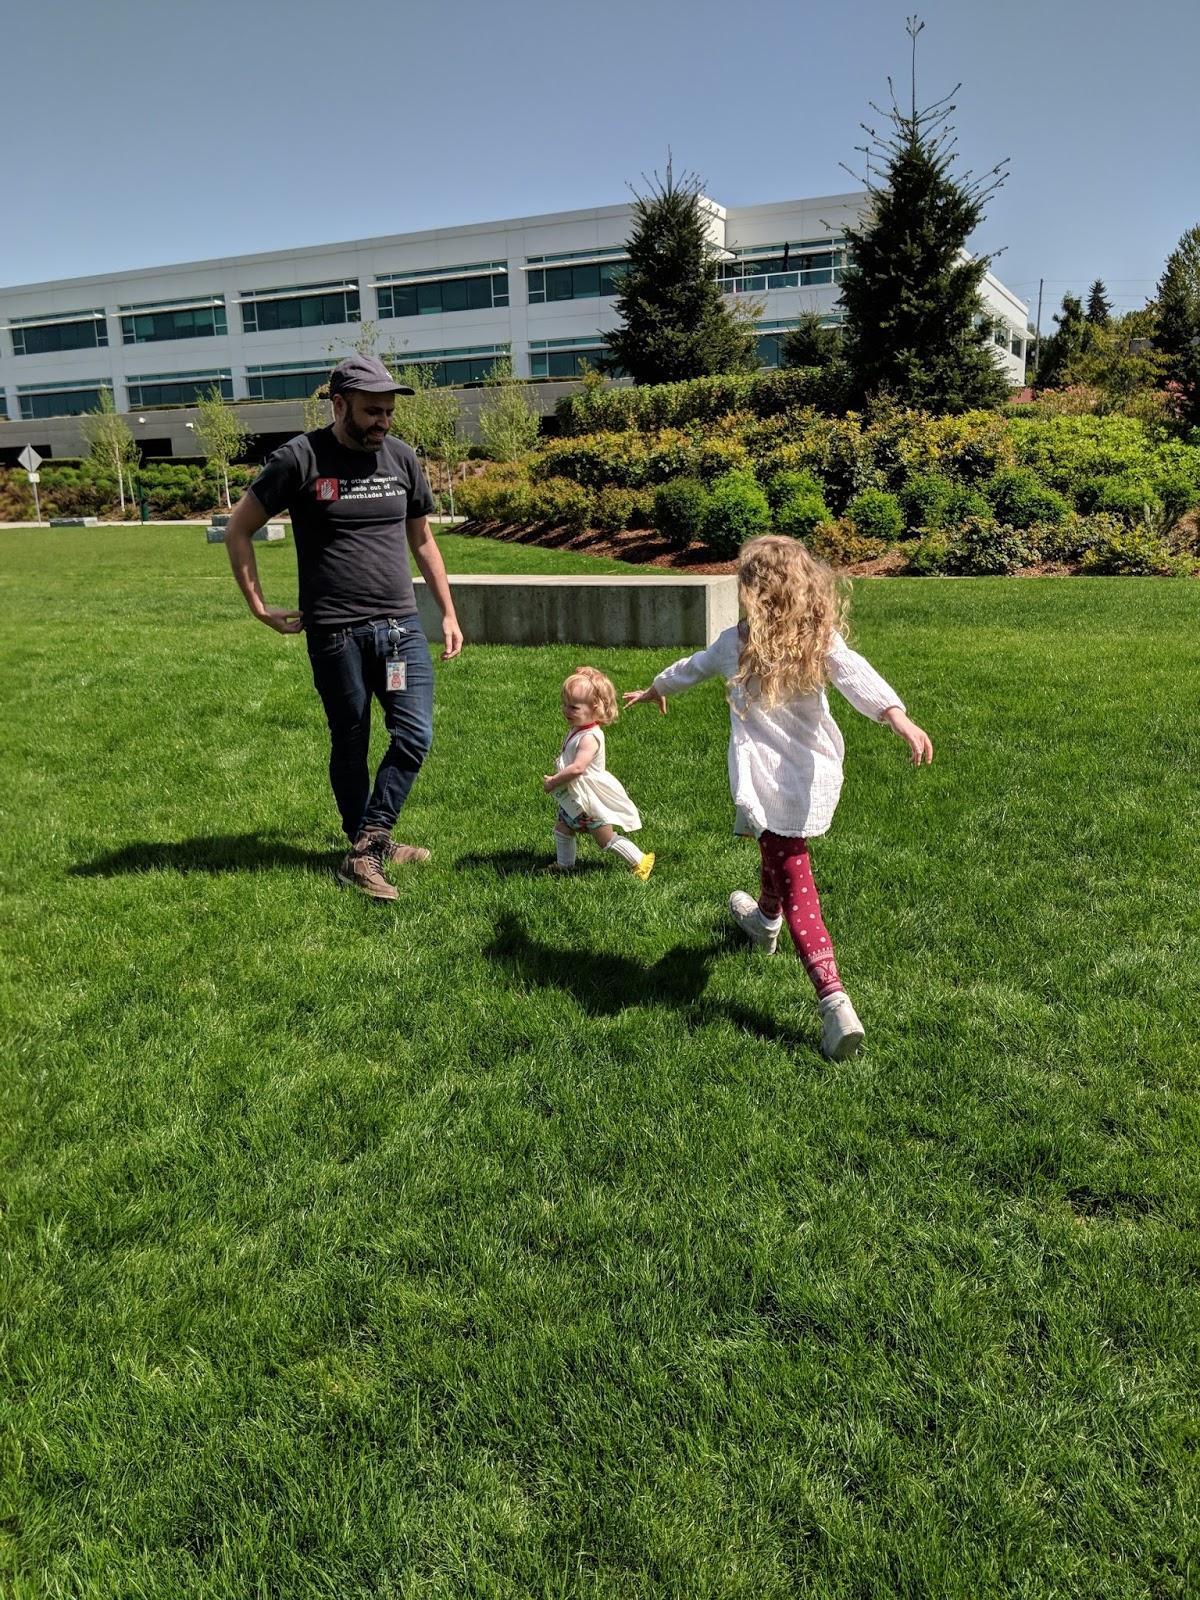 family running outside millennial family